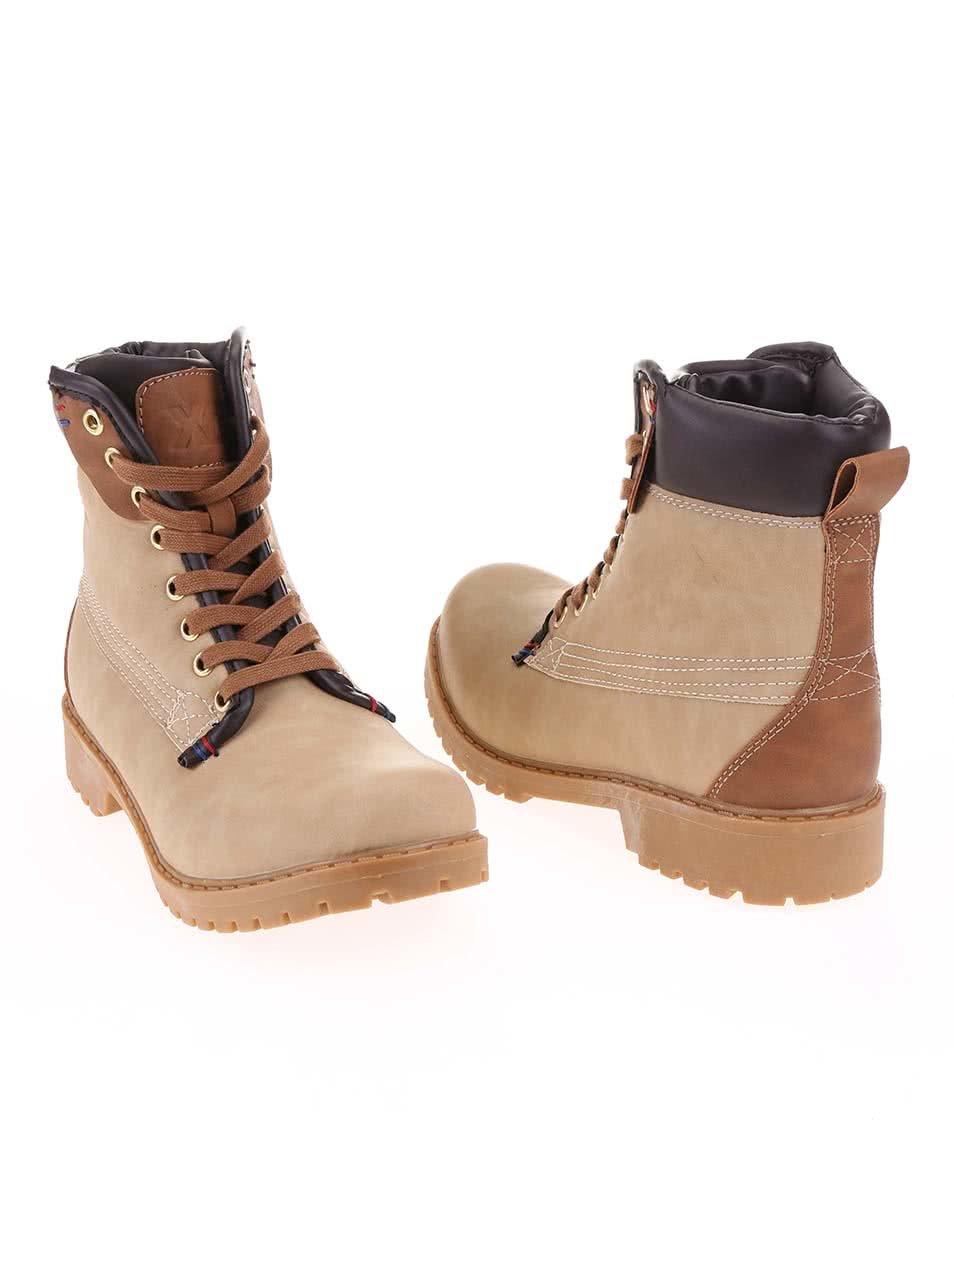 284ba618d746 Béžové členkové šnurovacie topánky Xti ...